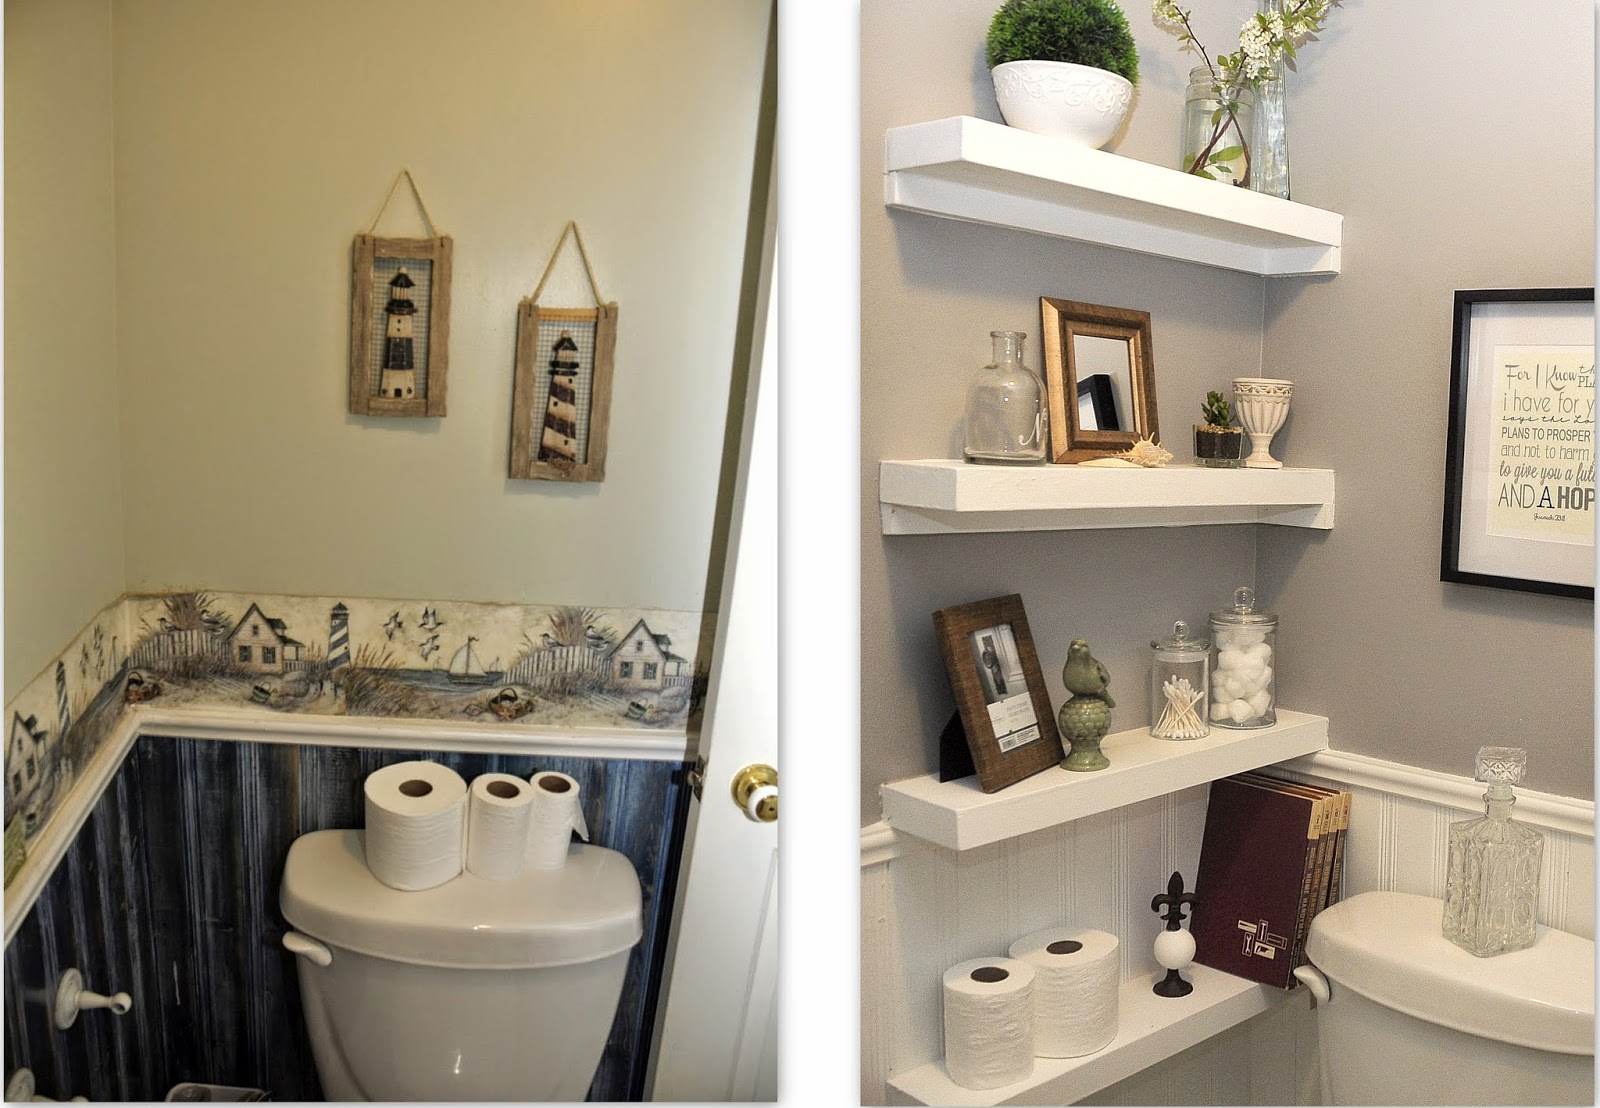 La joie d 39 apprendre salle de bain avant apr s une for Pinterest salle de bains